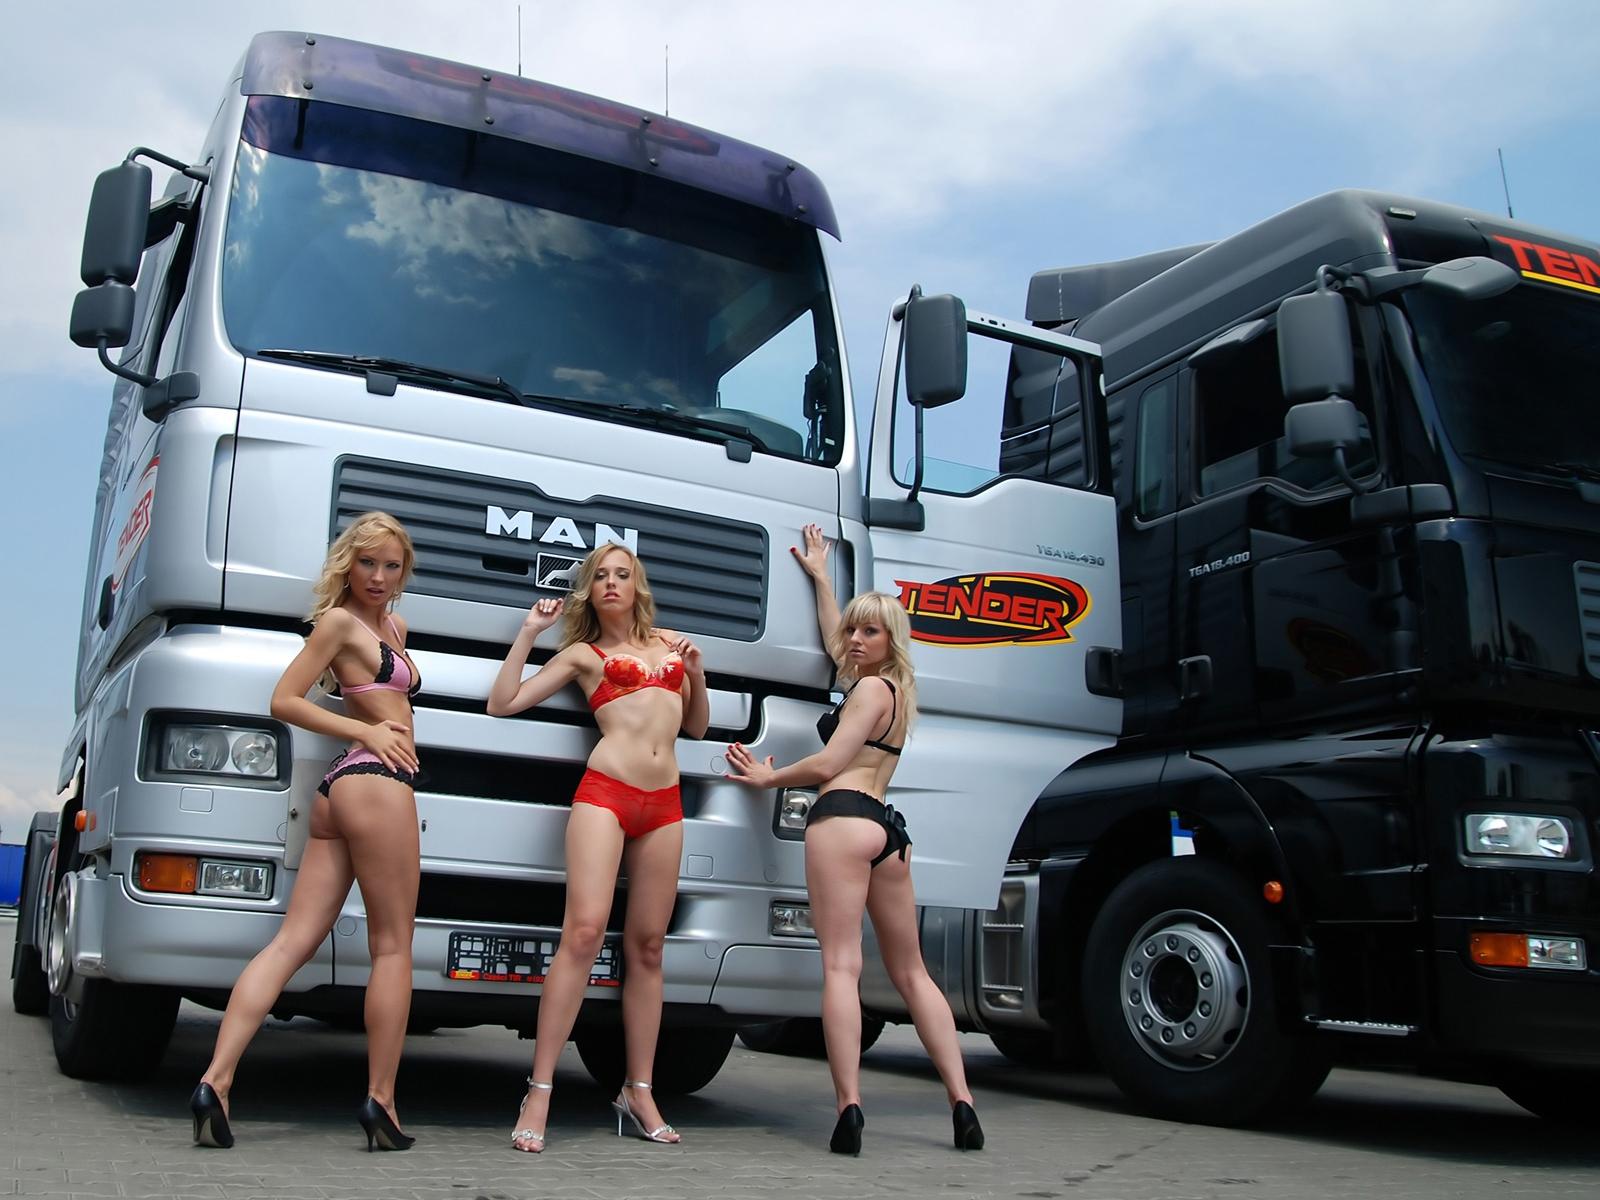 Сосут в грузовиках, Дальнобойщик (найдено 78 порно видео роликов) 13 фотография